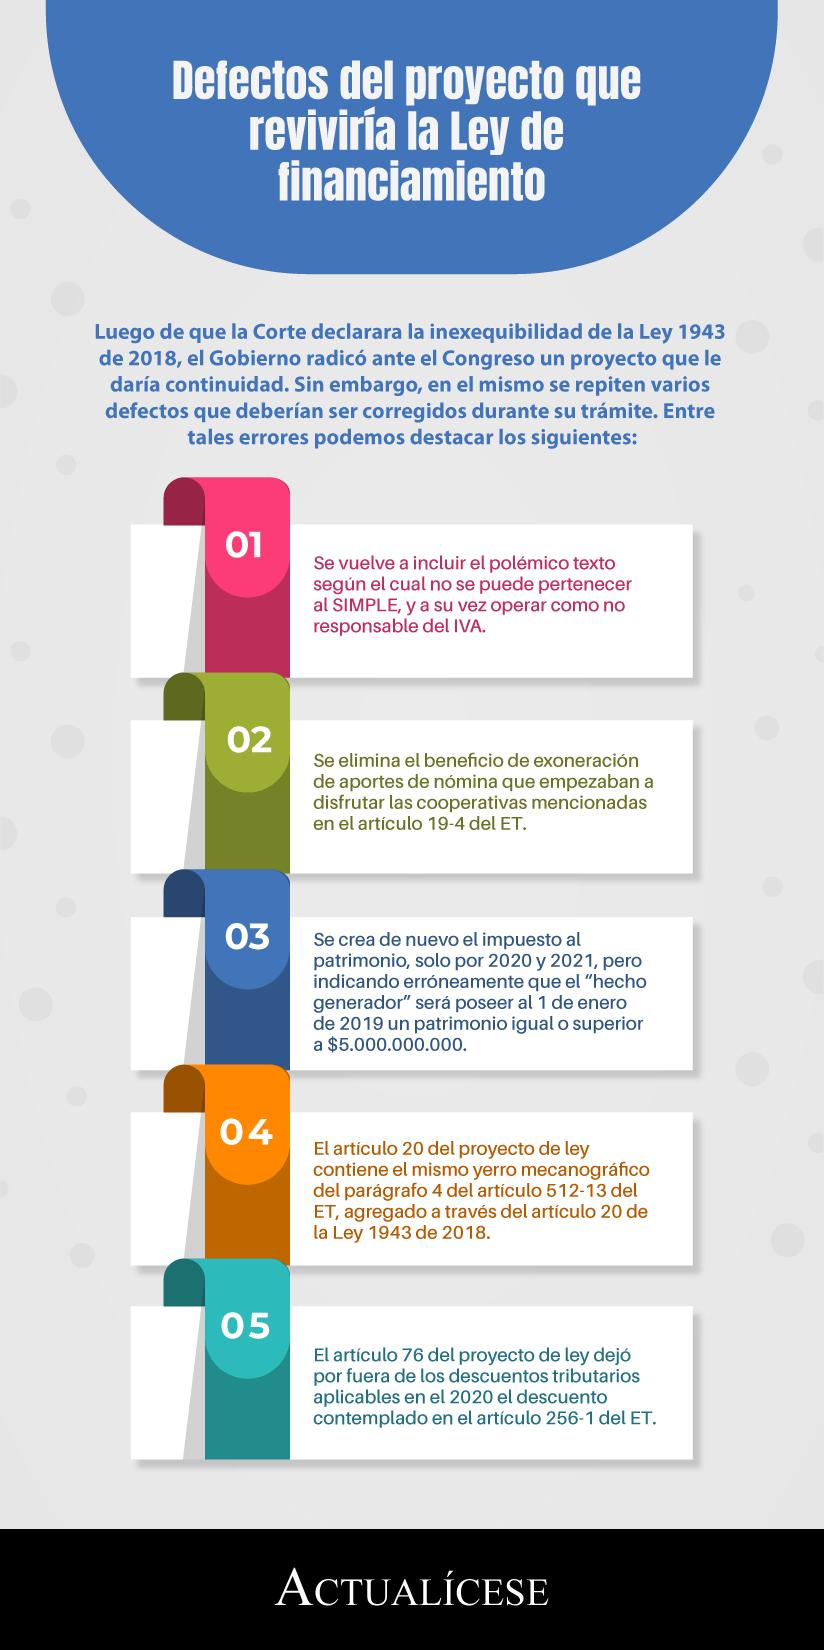 [Infografía] Defectos del proyecto que reviviría la Ley de financiamiento